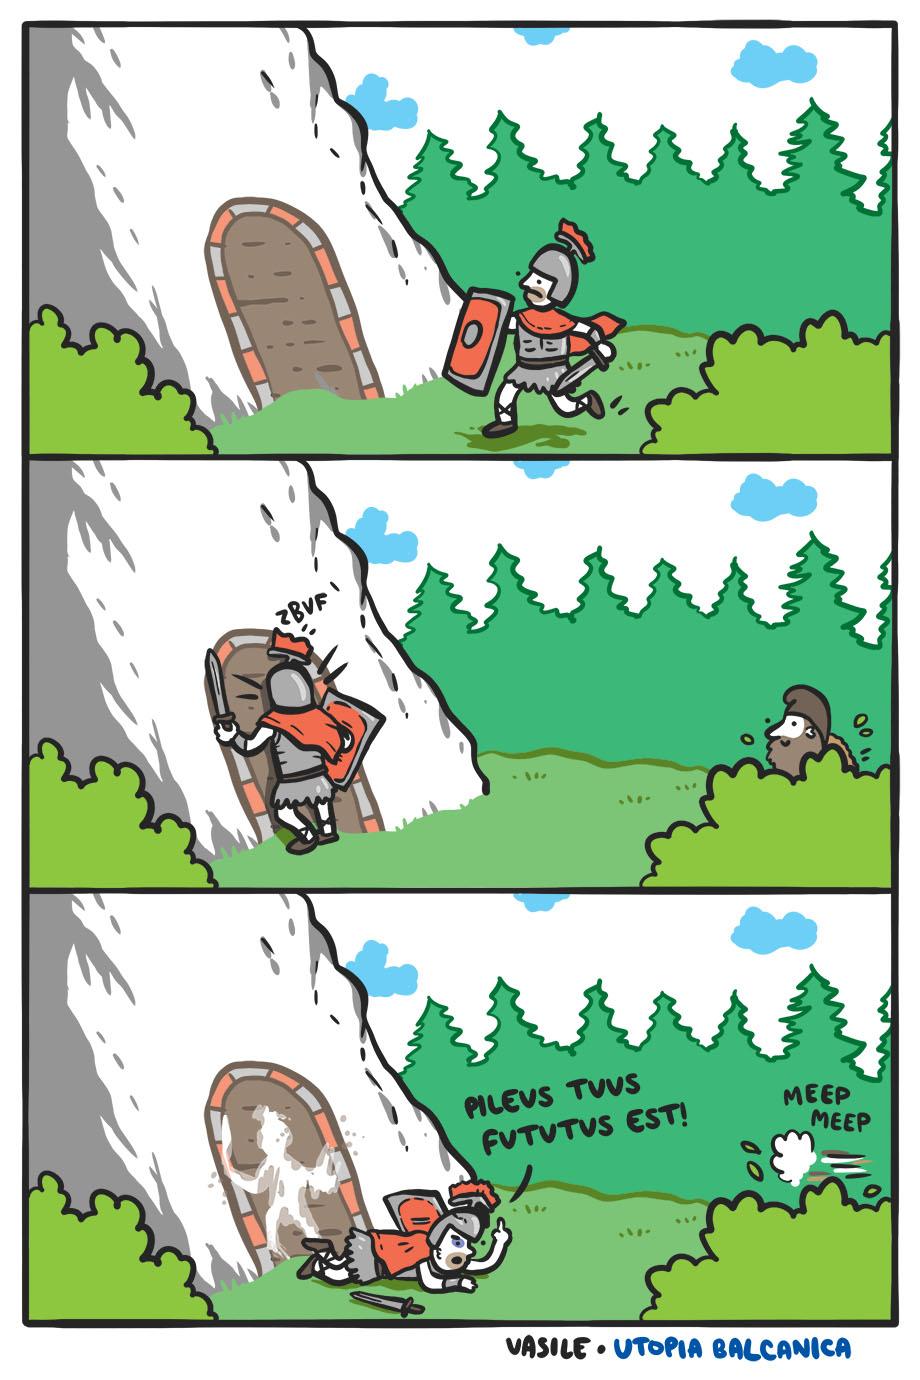 """1. Romanu' aleargă spre tunel. 2. Romanu' se izbeşte de tunelul care e de fapt pictat pe stâncă. Dacul scoate capul din tufiş. 3. Romanul, pe jos: """"Pileus tuus fututus est!"""" Dacul dispare: """"meep meep"""""""